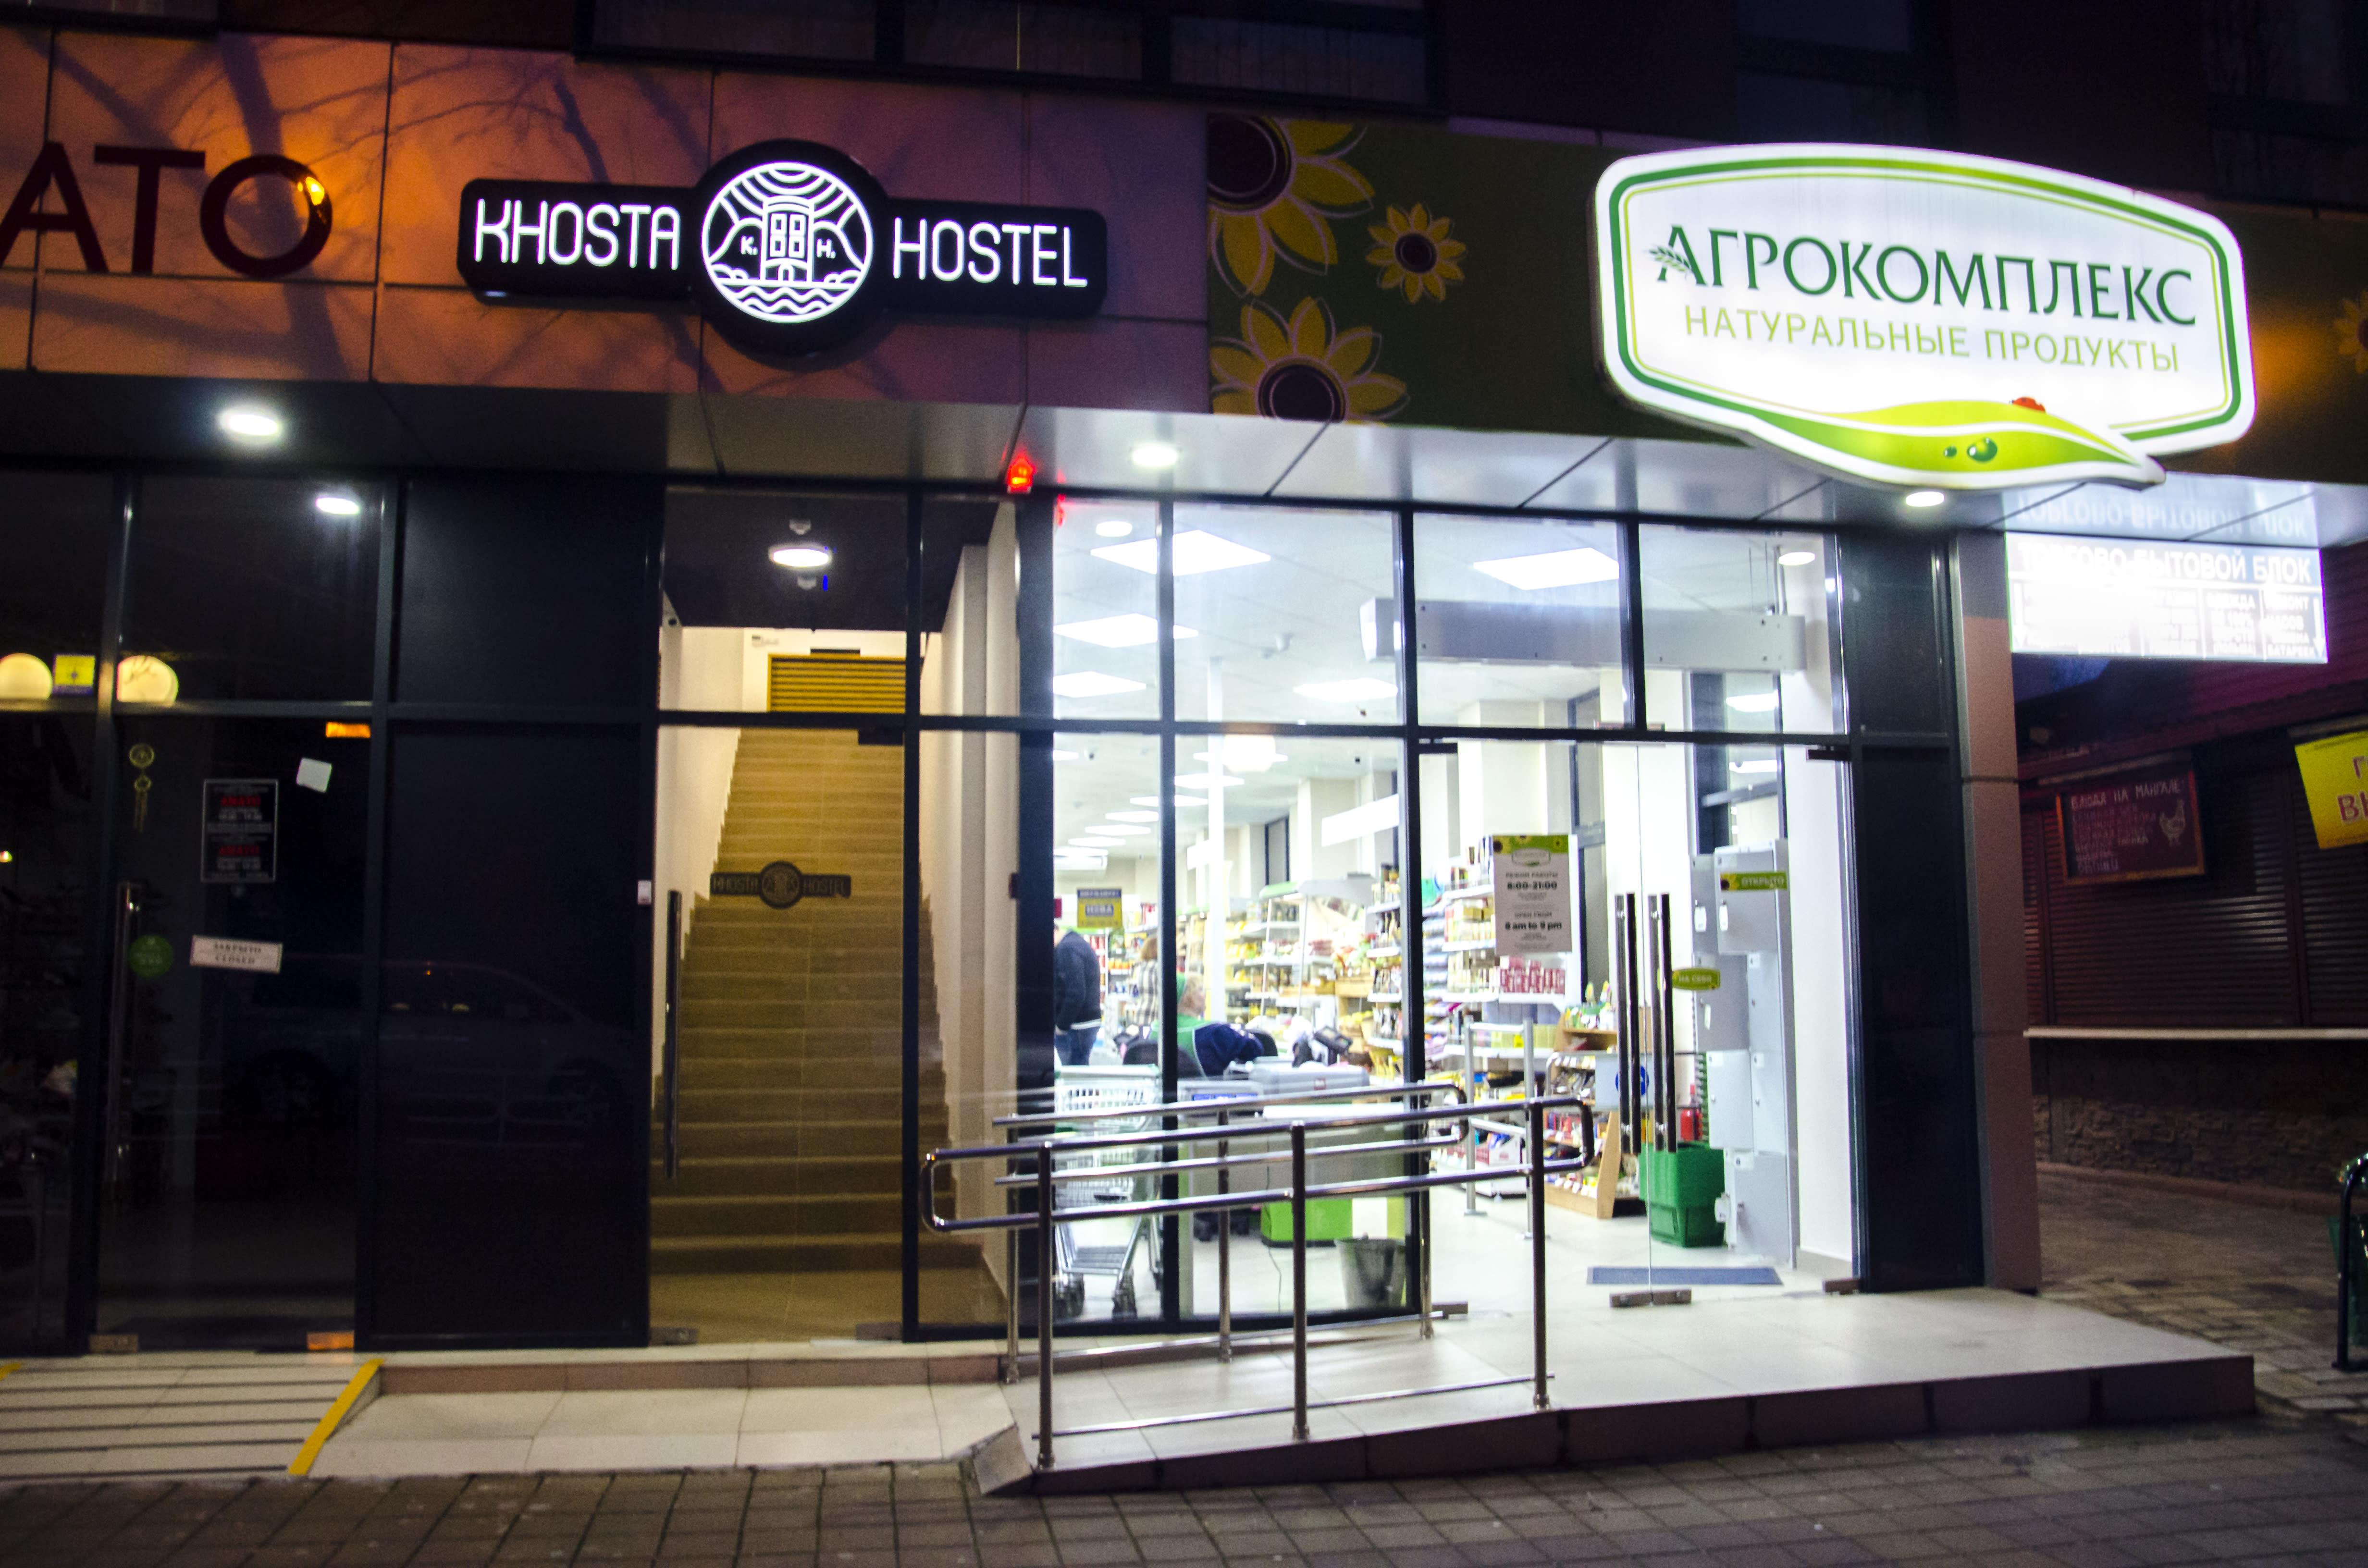 HOSTEL - Khosta Hostel